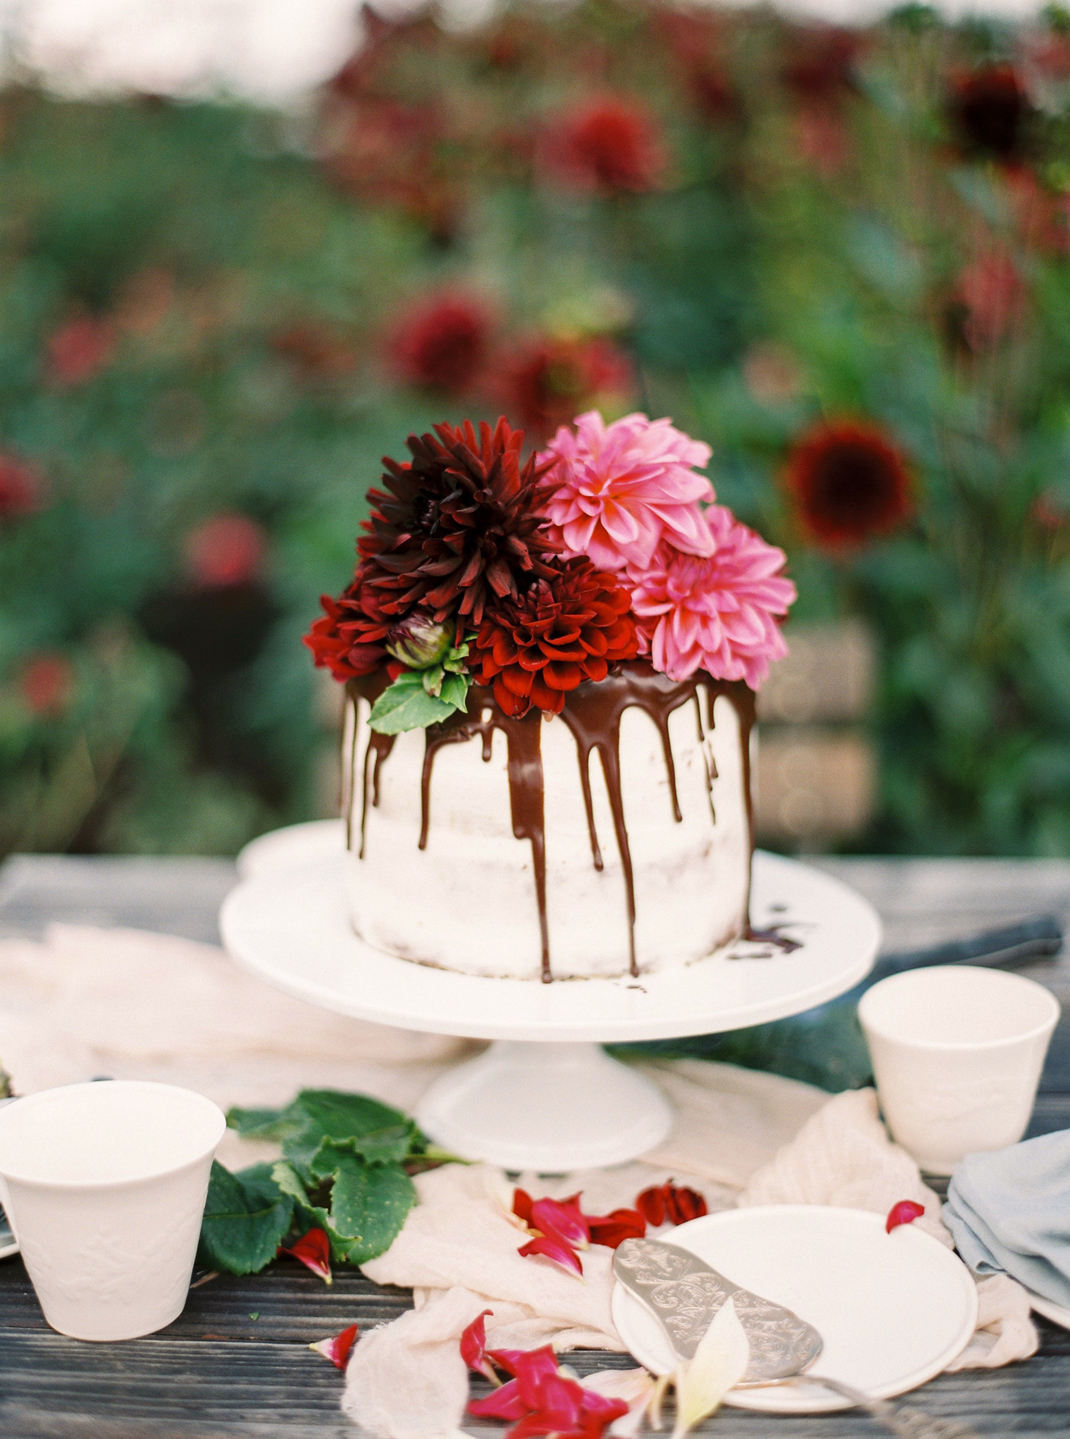 Silvia Fischer. Echte Kuchenliebe. Trendiger Drip Cake mit Schokoglasur und frischen Blumen